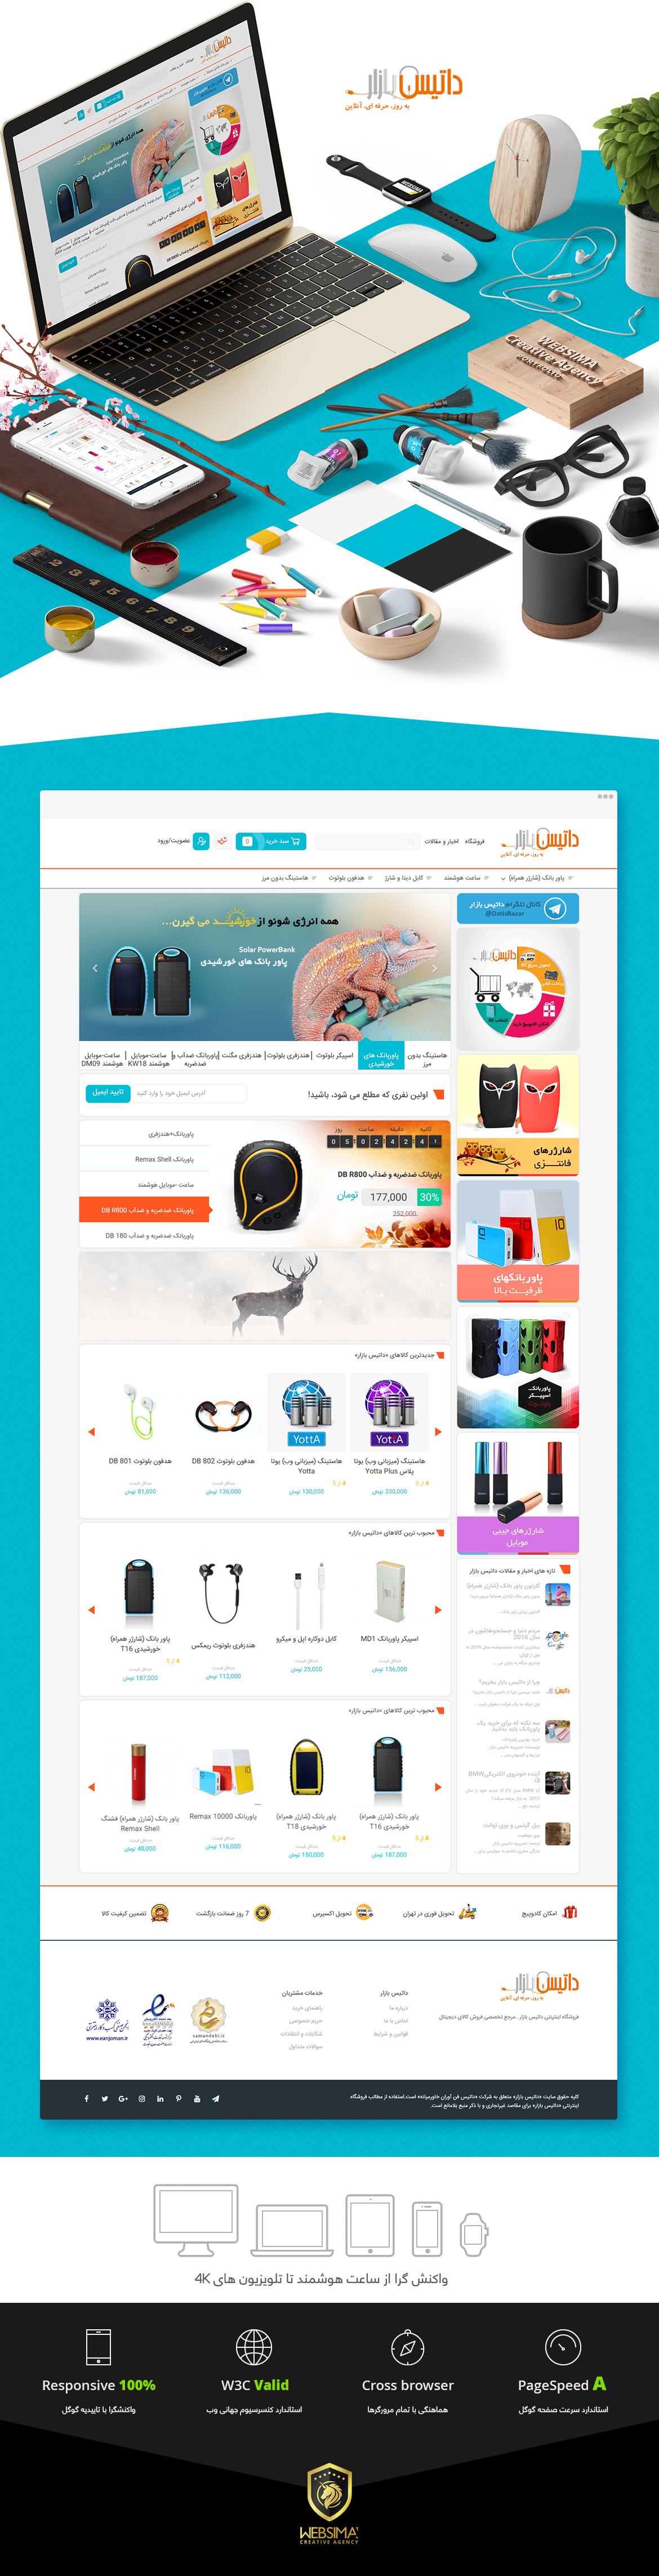 طراحی سایت داتیس بازار